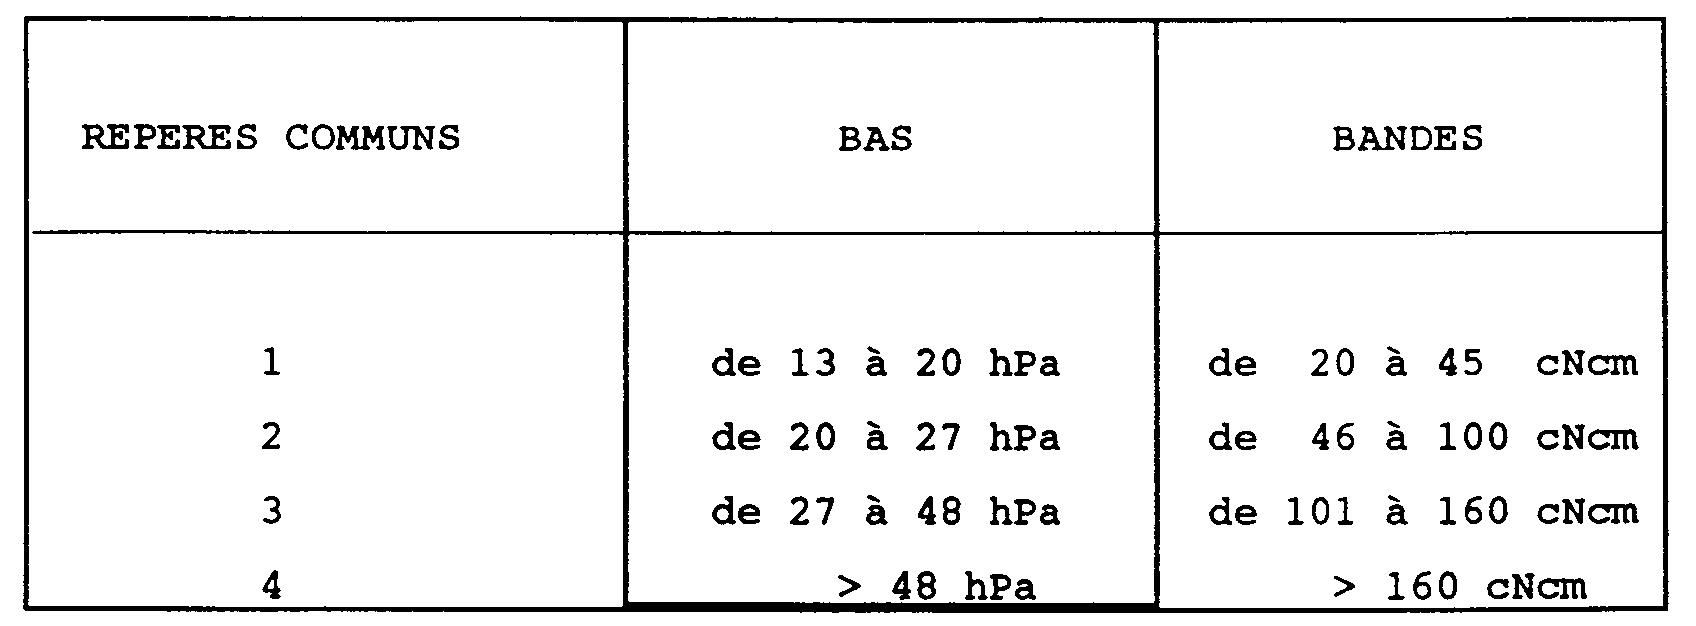 patent ep0507700a1 dossier de prescription d 39 un bas de contention ou d 39 une bande de contention. Black Bedroom Furniture Sets. Home Design Ideas